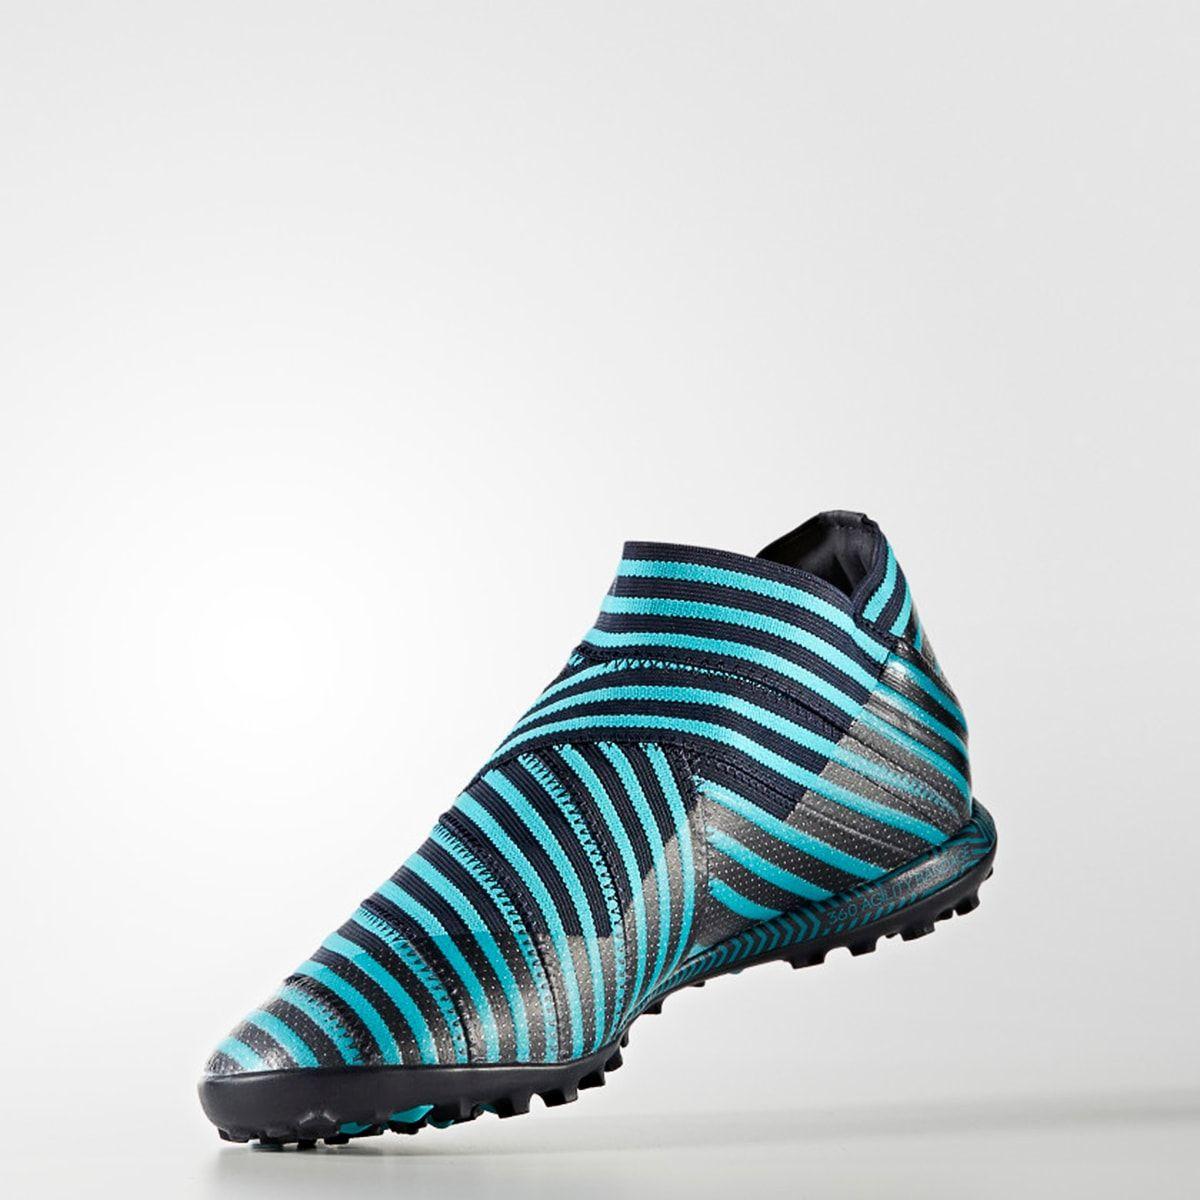 cac9fdbeda62 adidas Nemeziz 17+ Tango TF Artificial Turf Soccer Shoe in 2019 ...